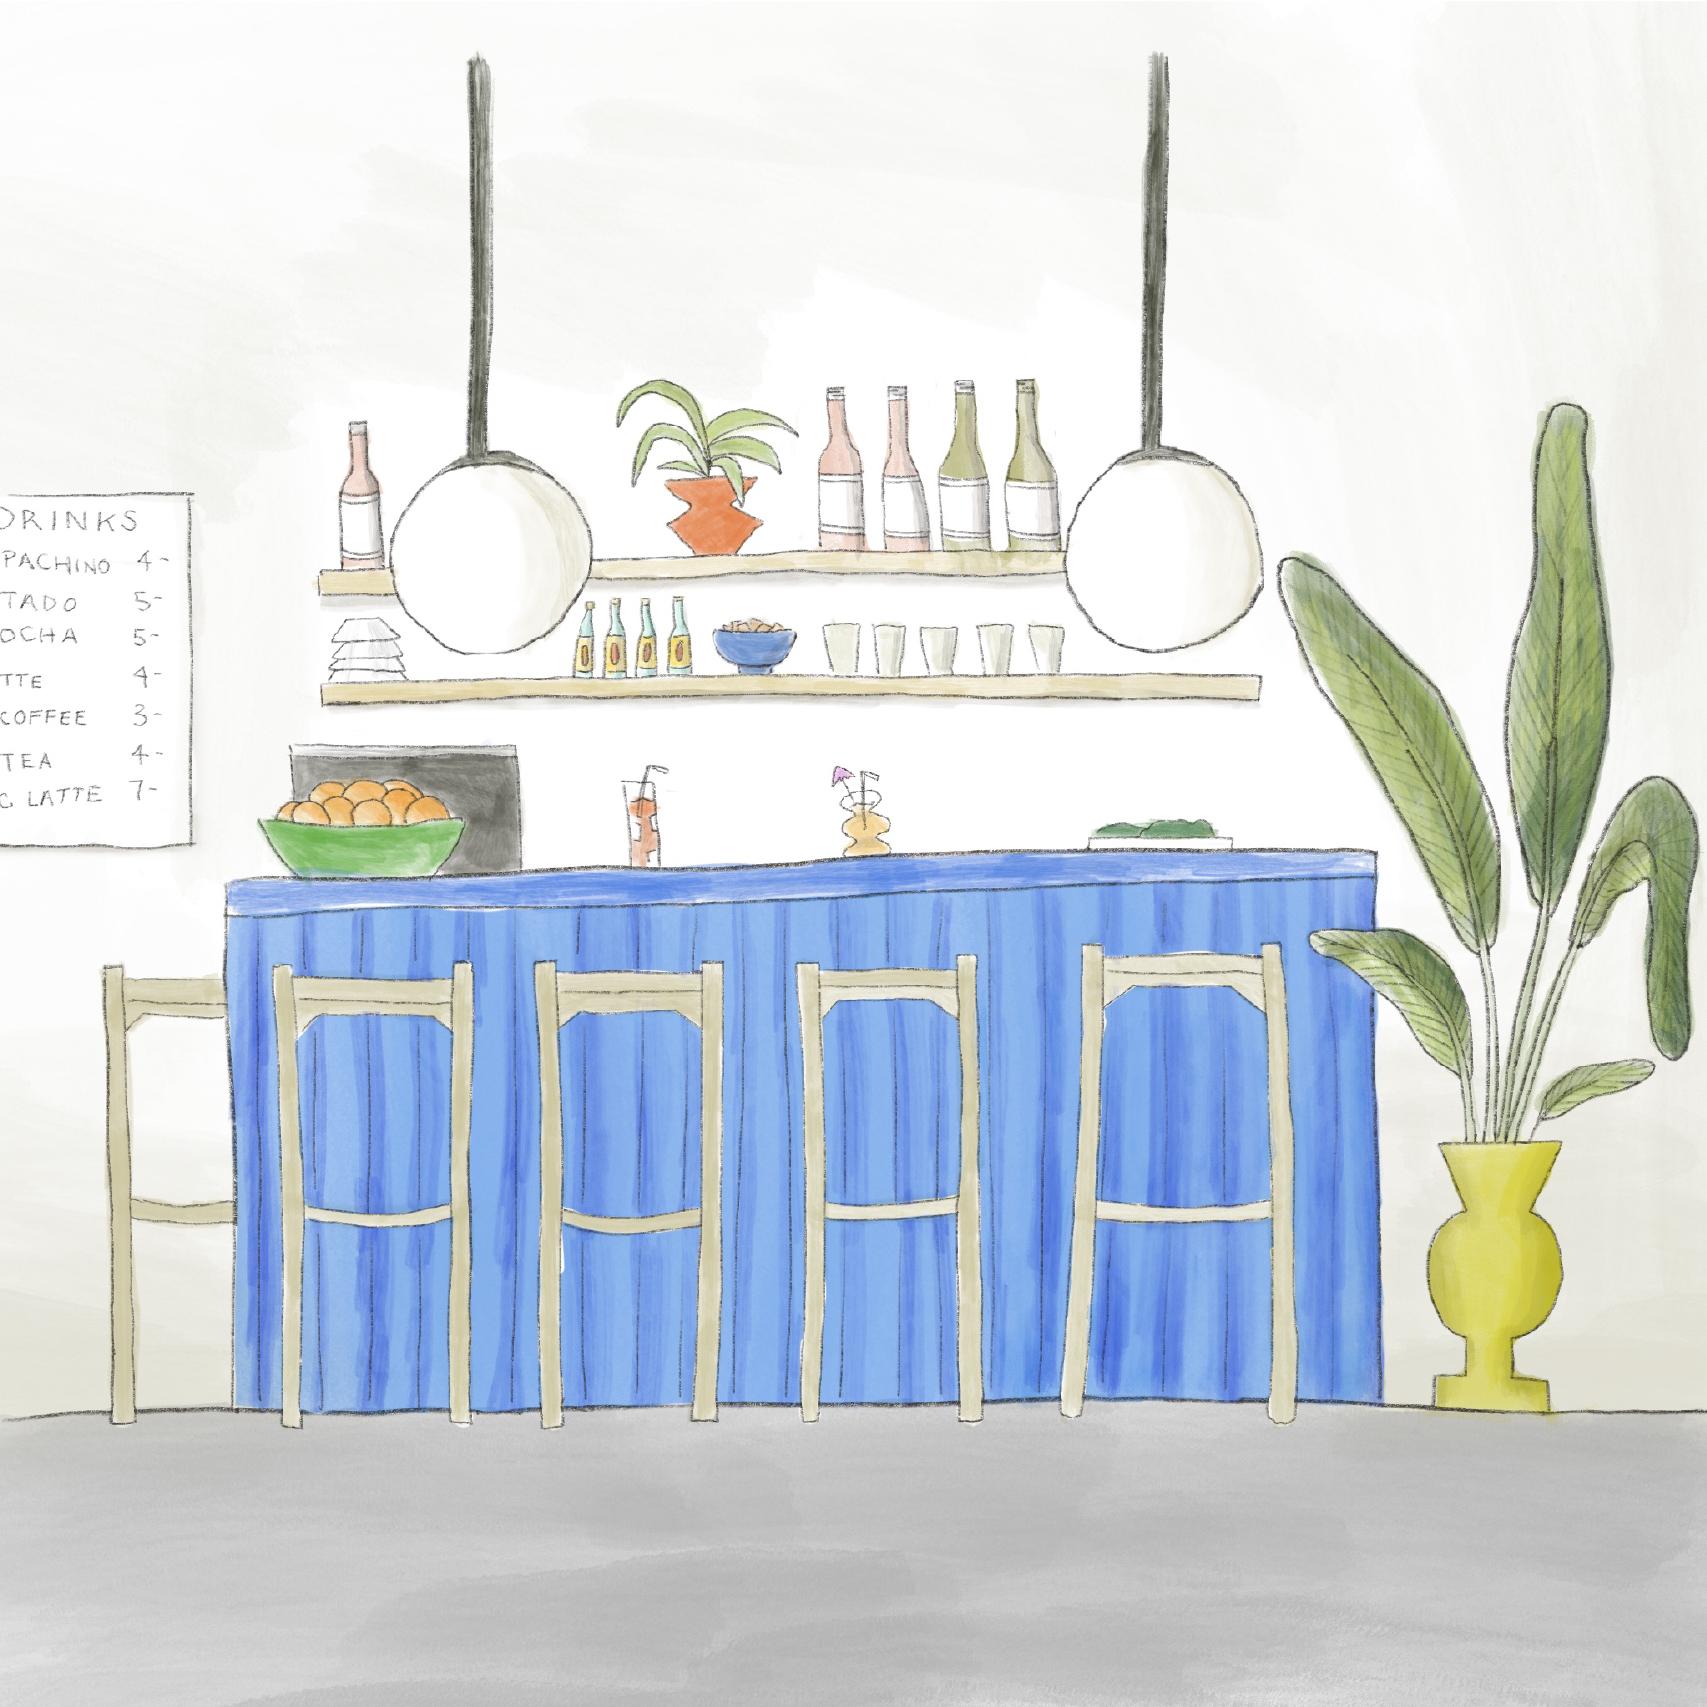 Artboard-12-Zoolas